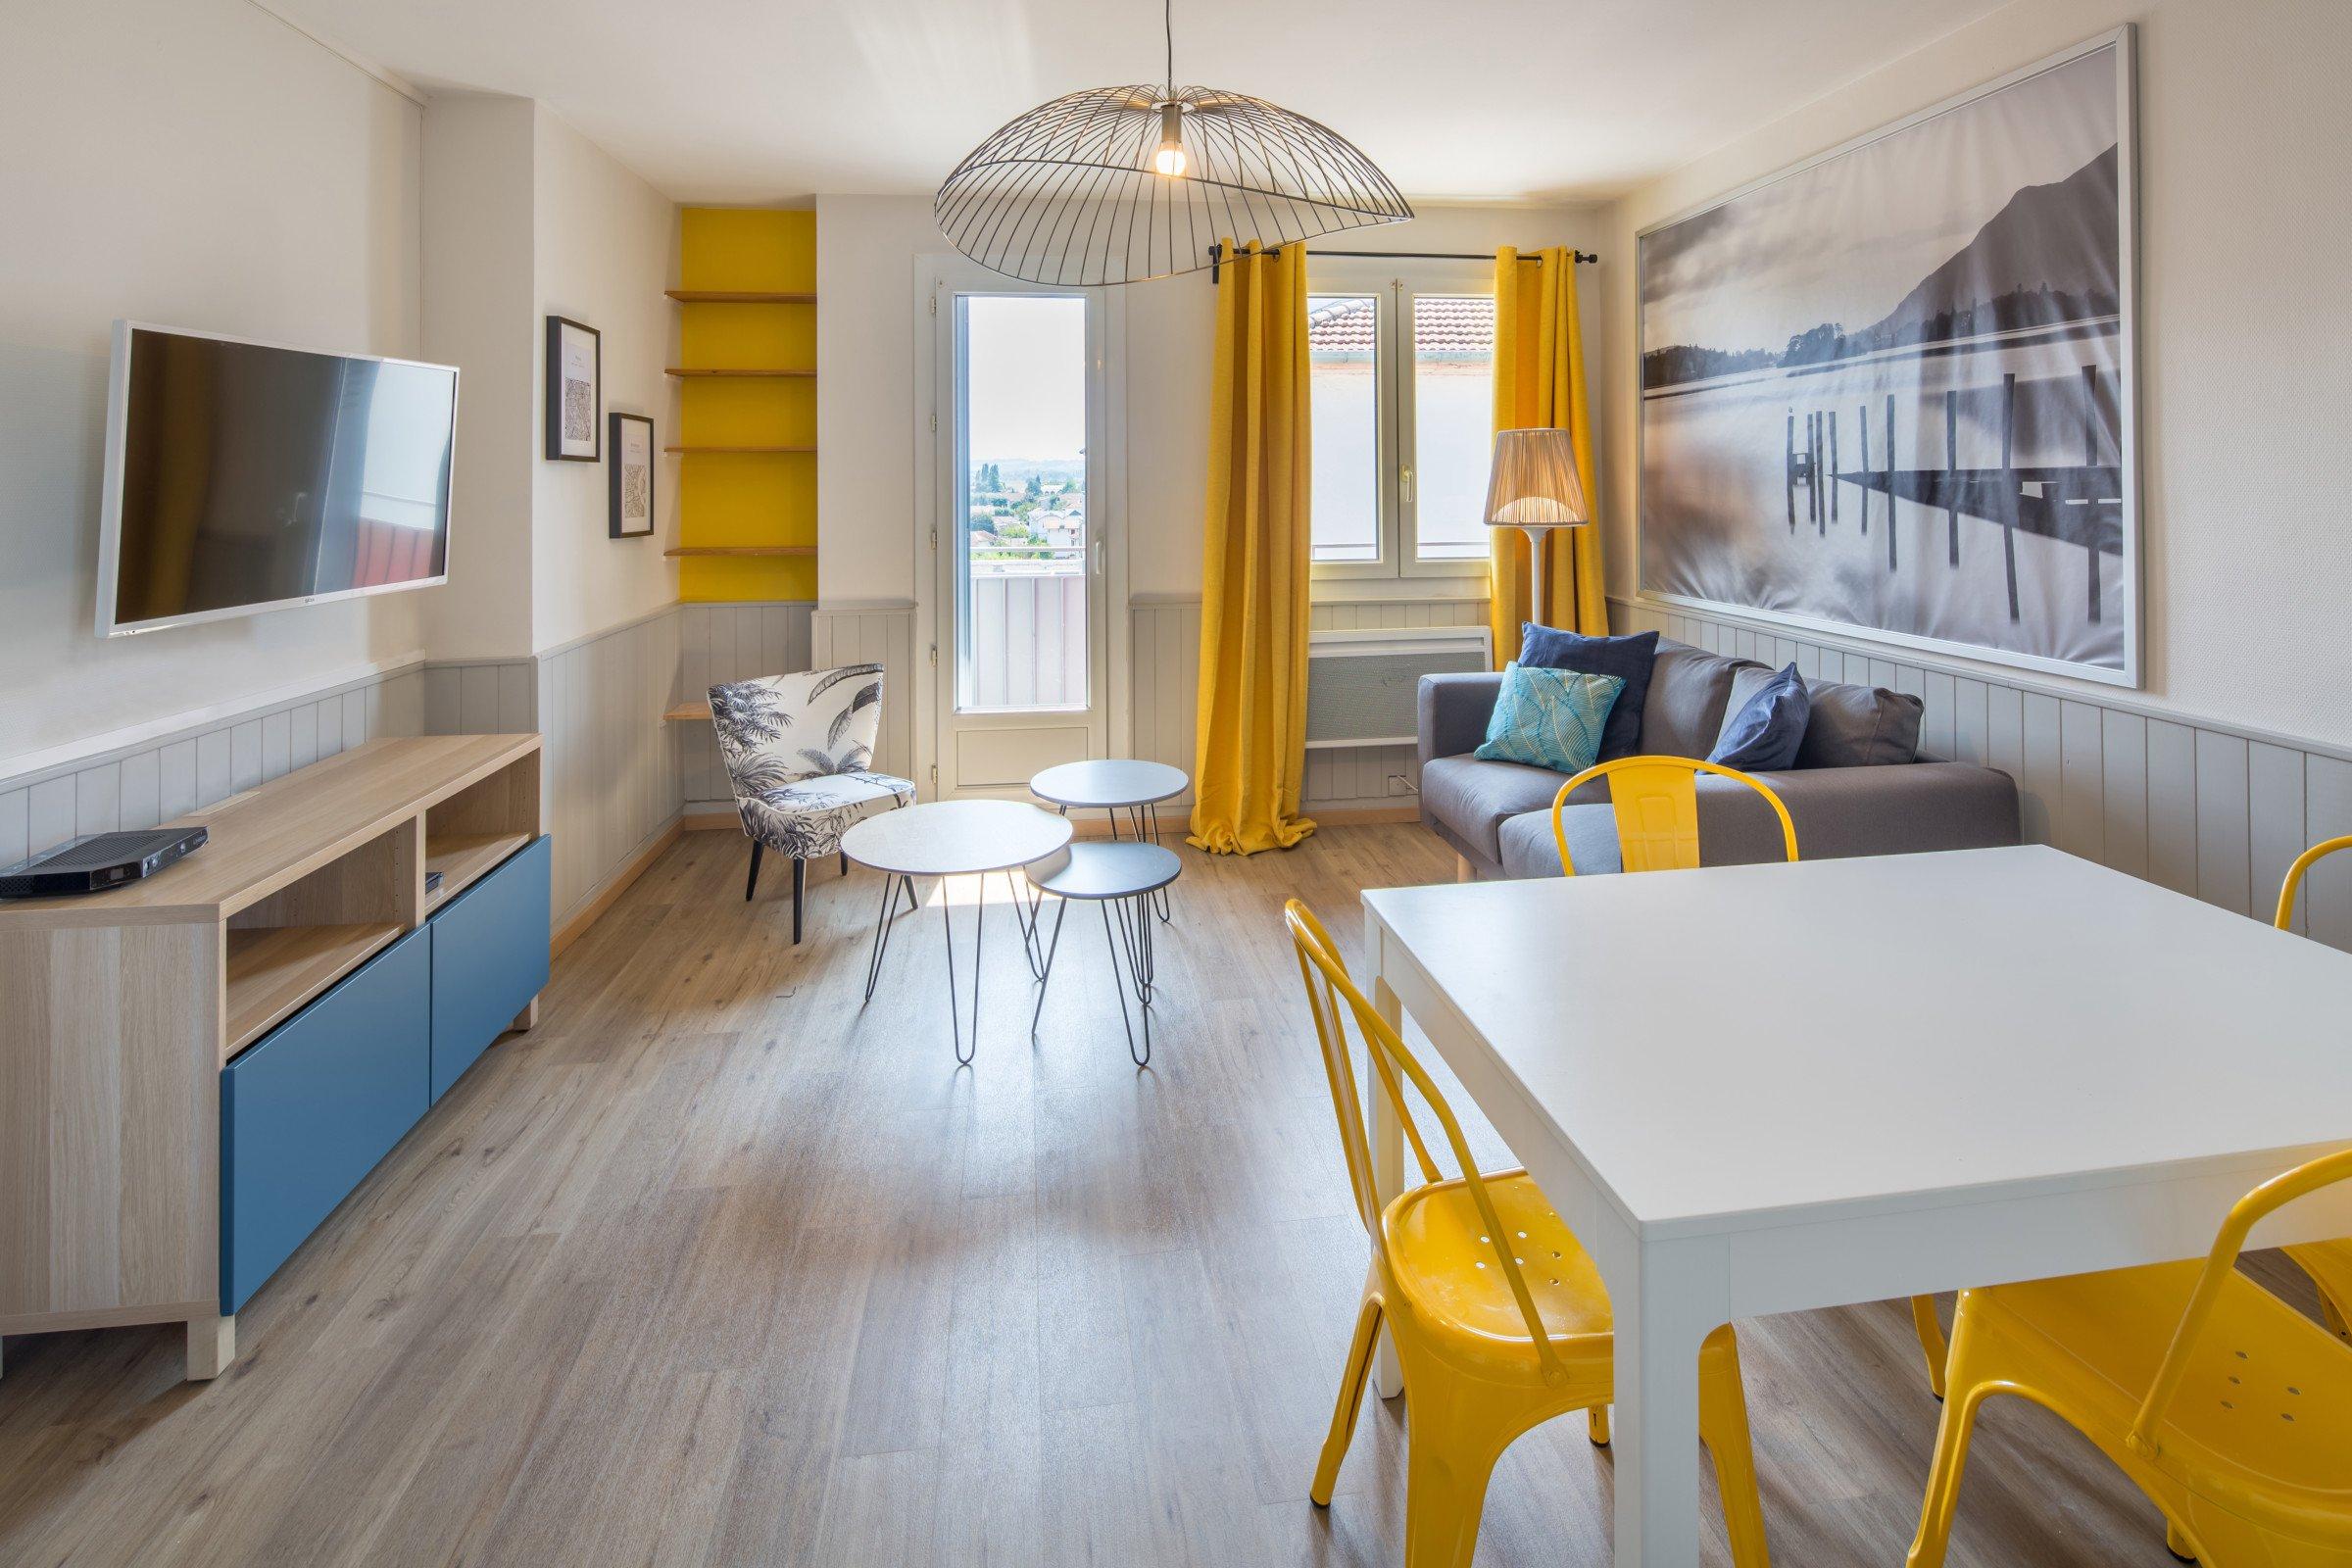 Aménagement d'un appartement pour une colocation Tarbes